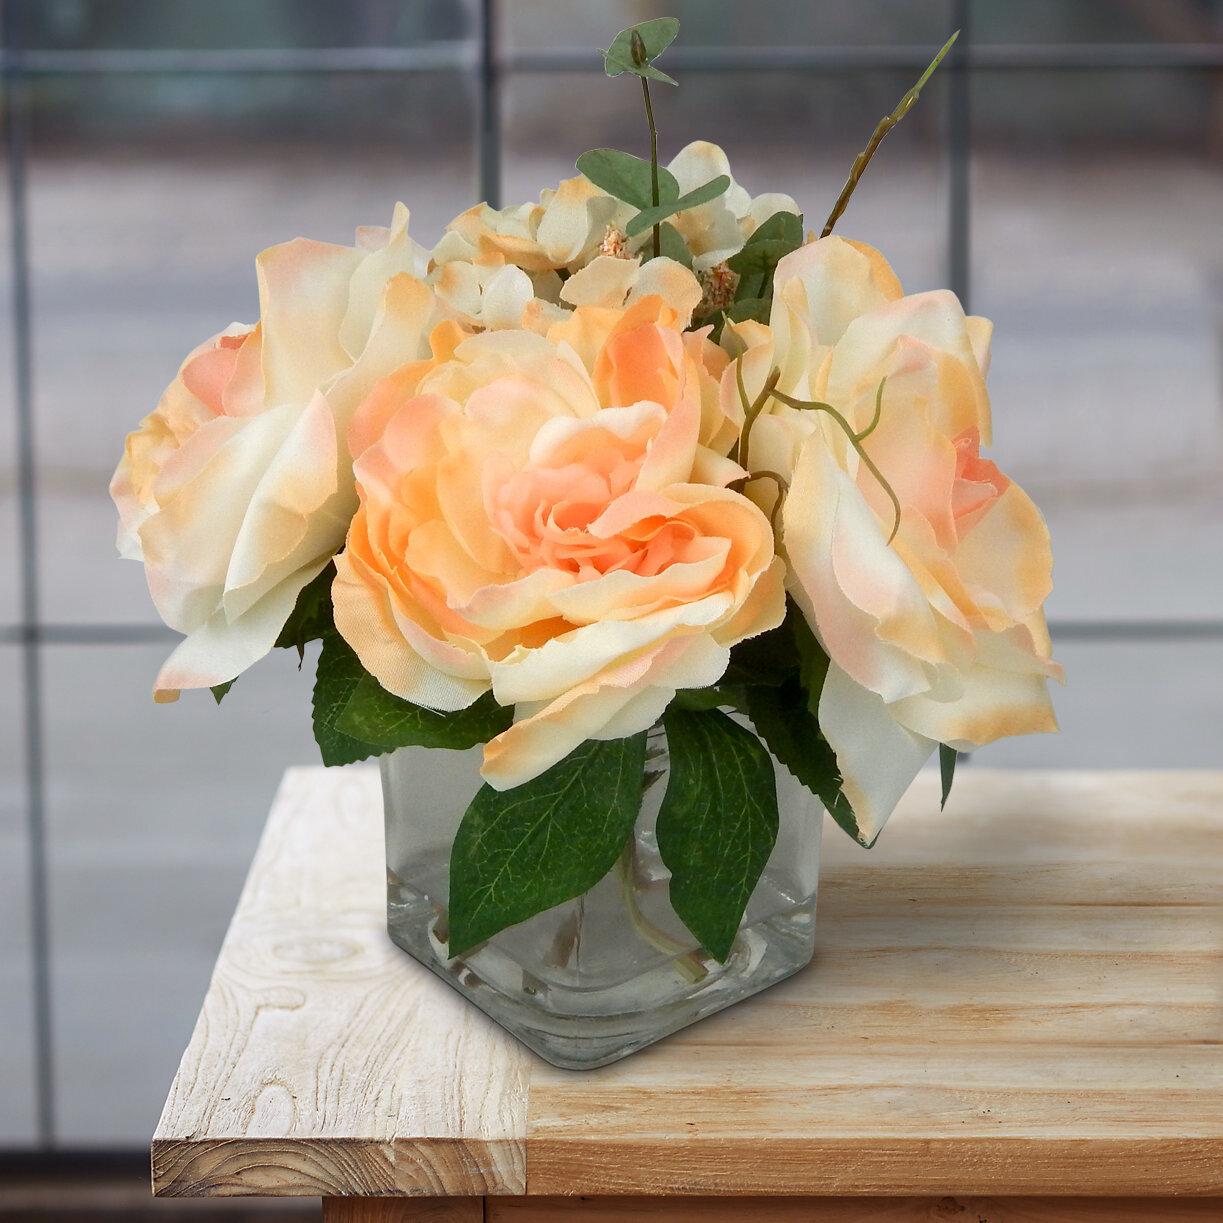 Rosdorf Park Classic English Rose Garden Centerpieces In Vase